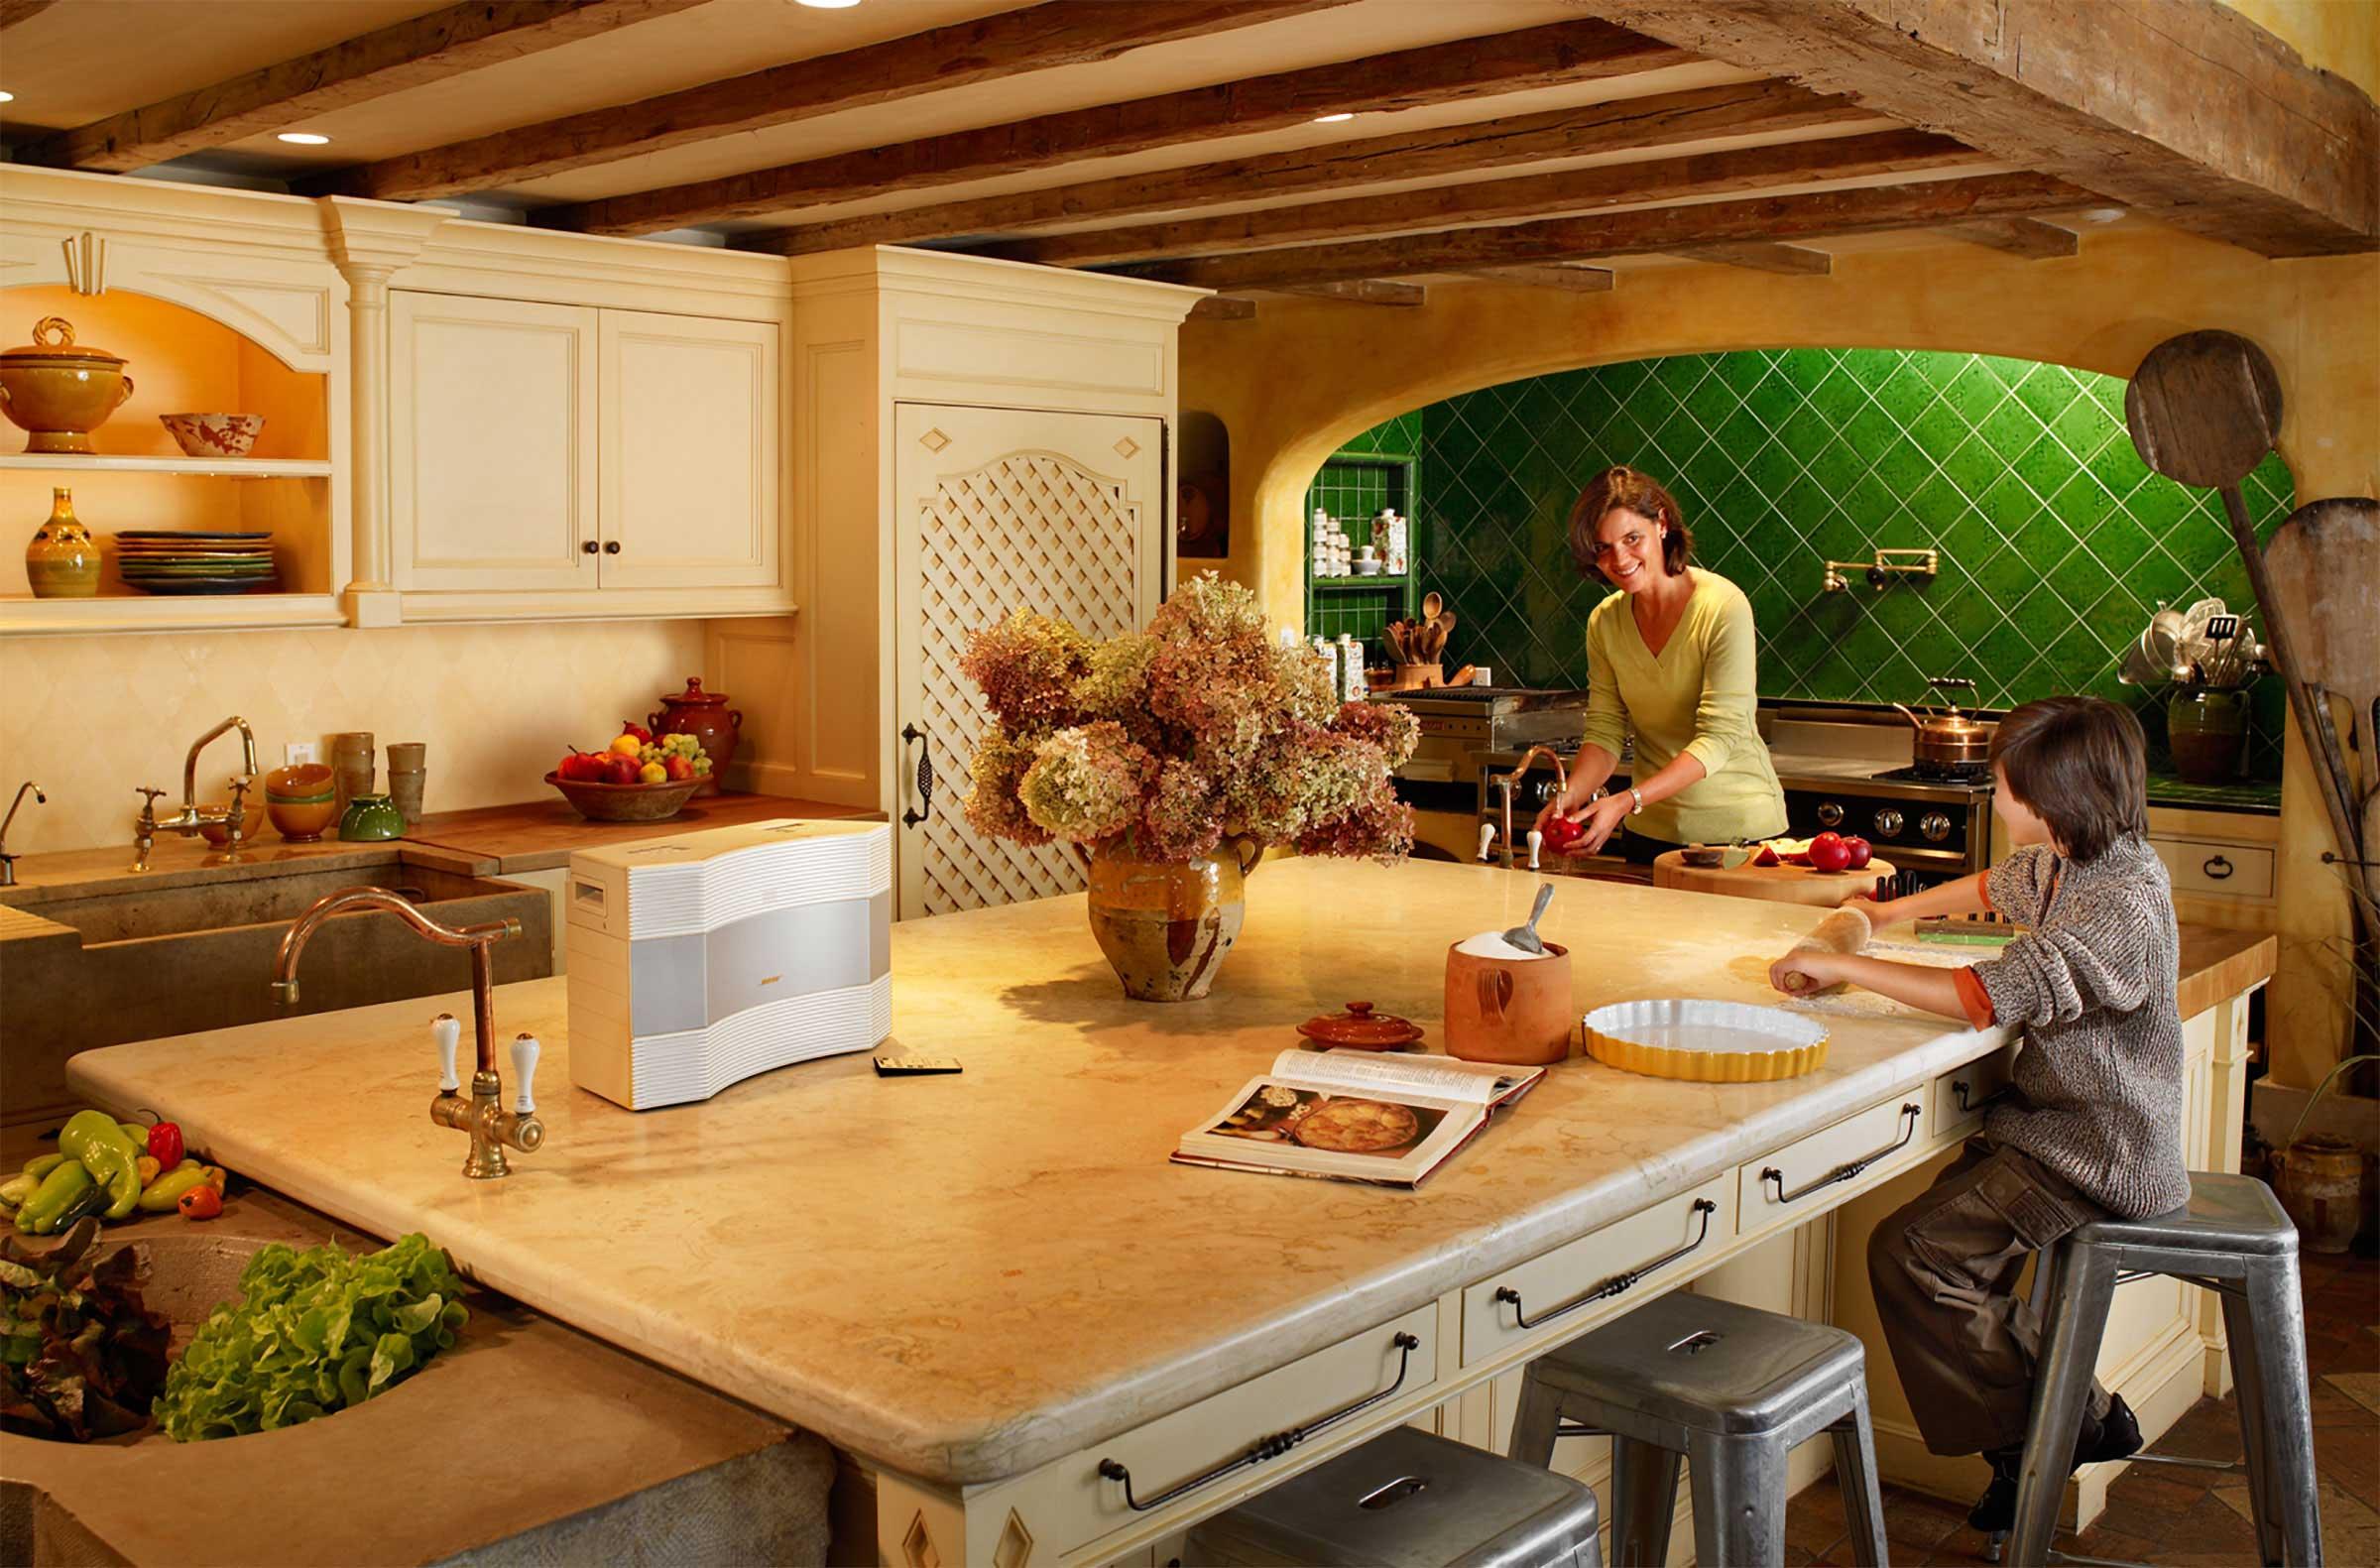 bose-wave-radio-kitchen.jpg